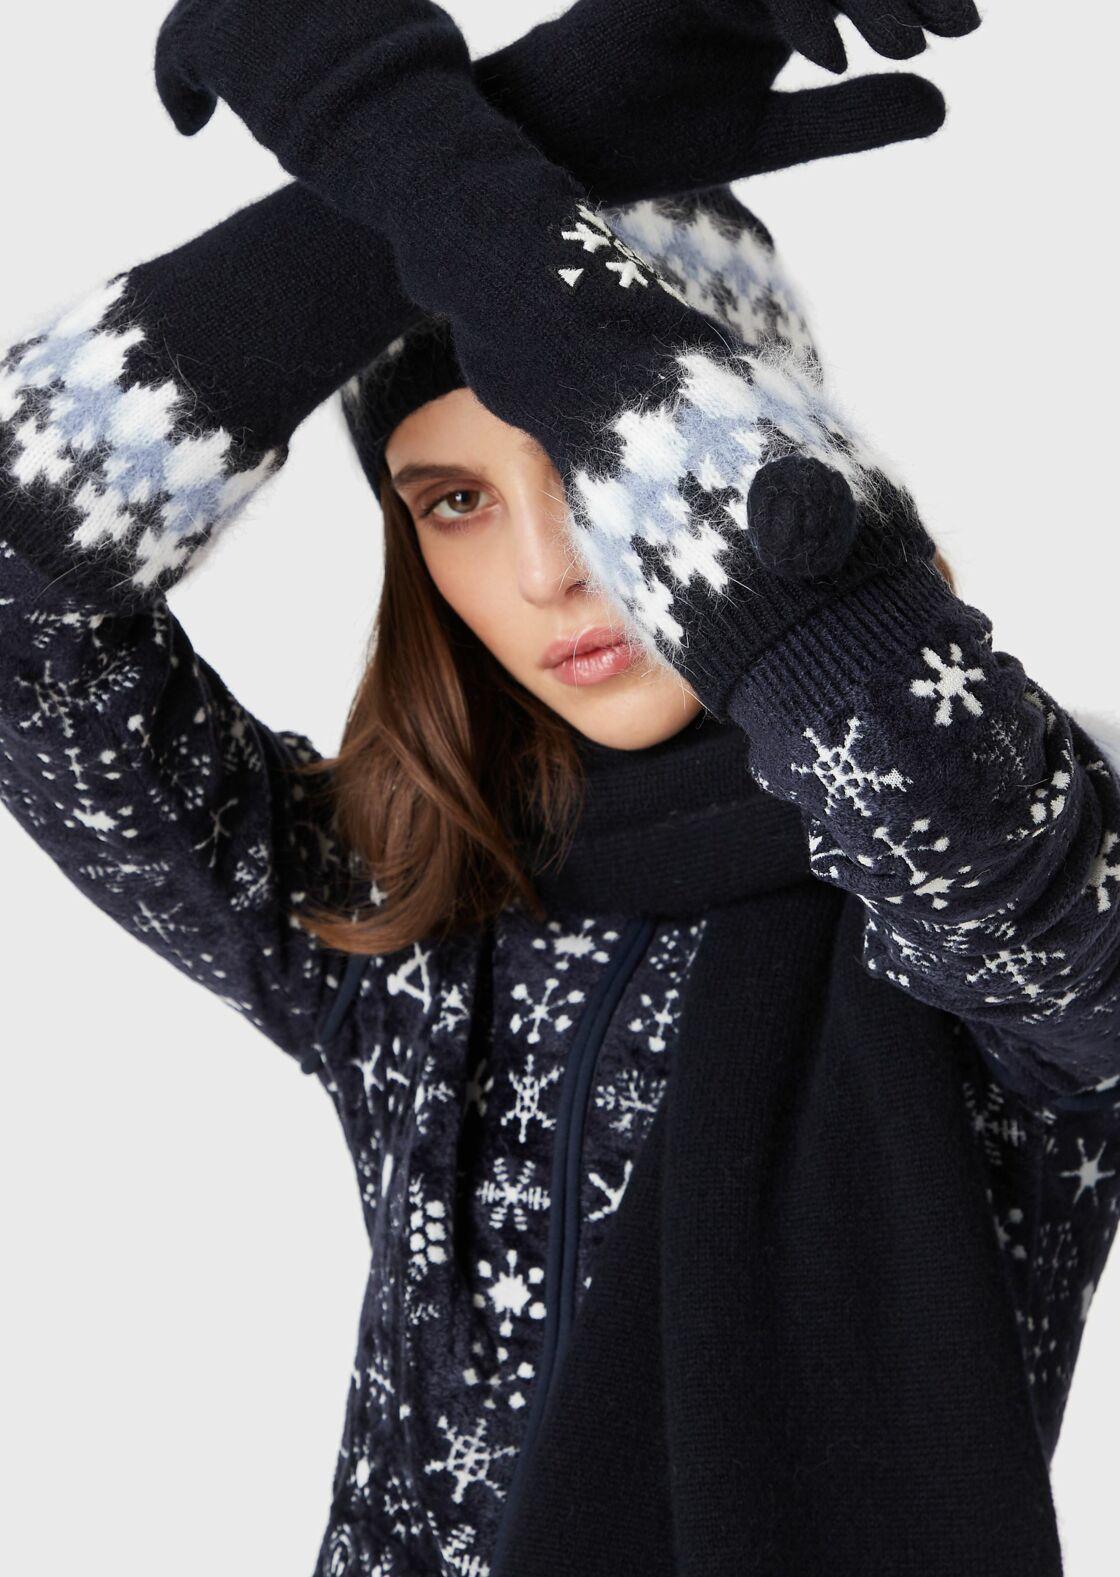 Des gants de modeuse pour skieuse (Gants en laine, Giorgio Armani, 620 €)